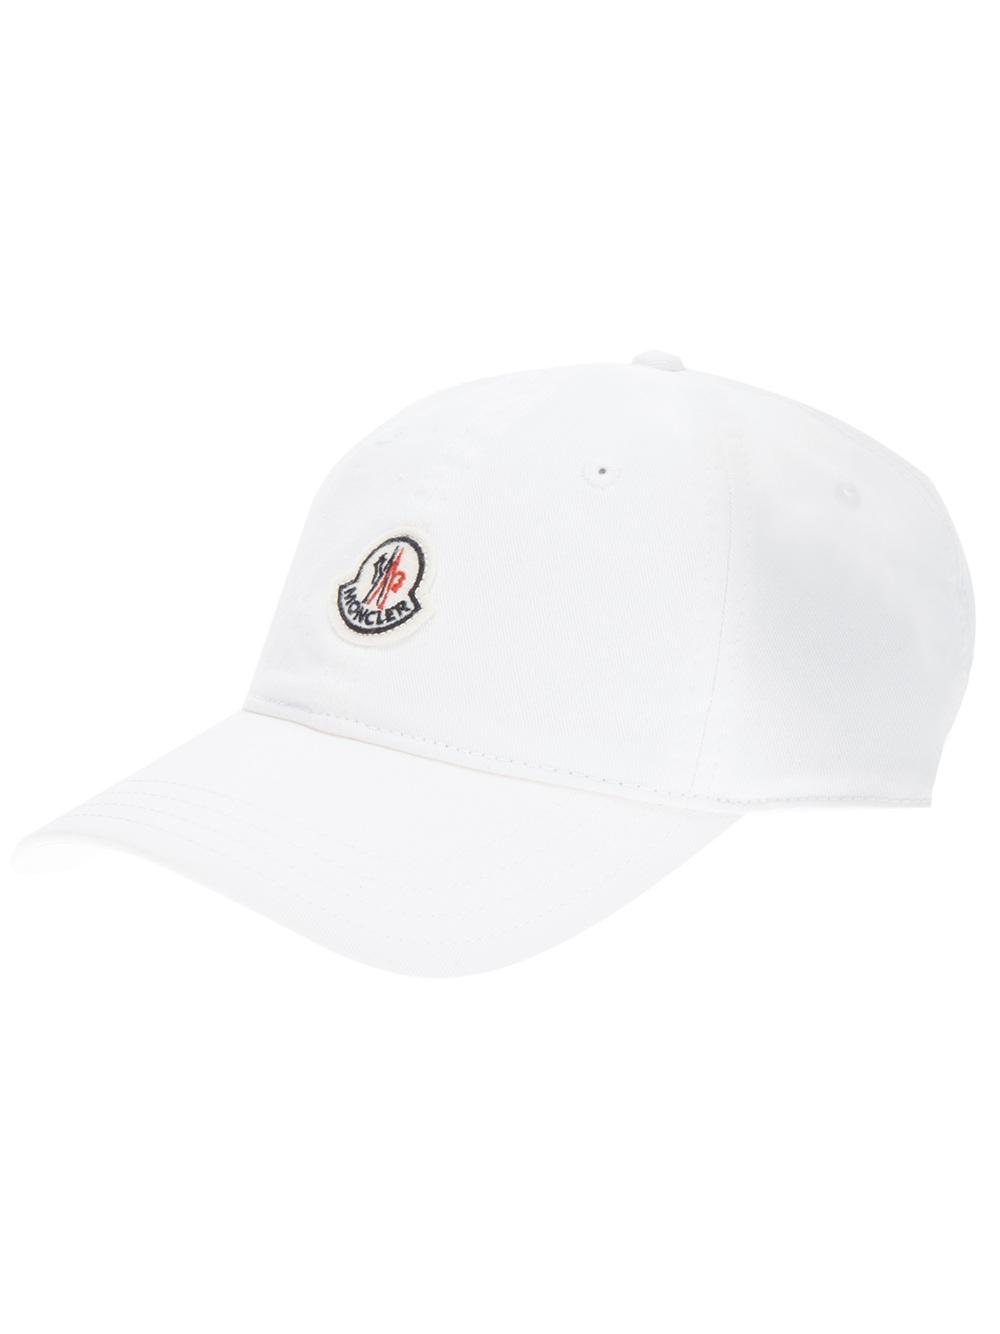 Lyst - Moncler Logo Baseball Cap in White for Men 25ac073eca1